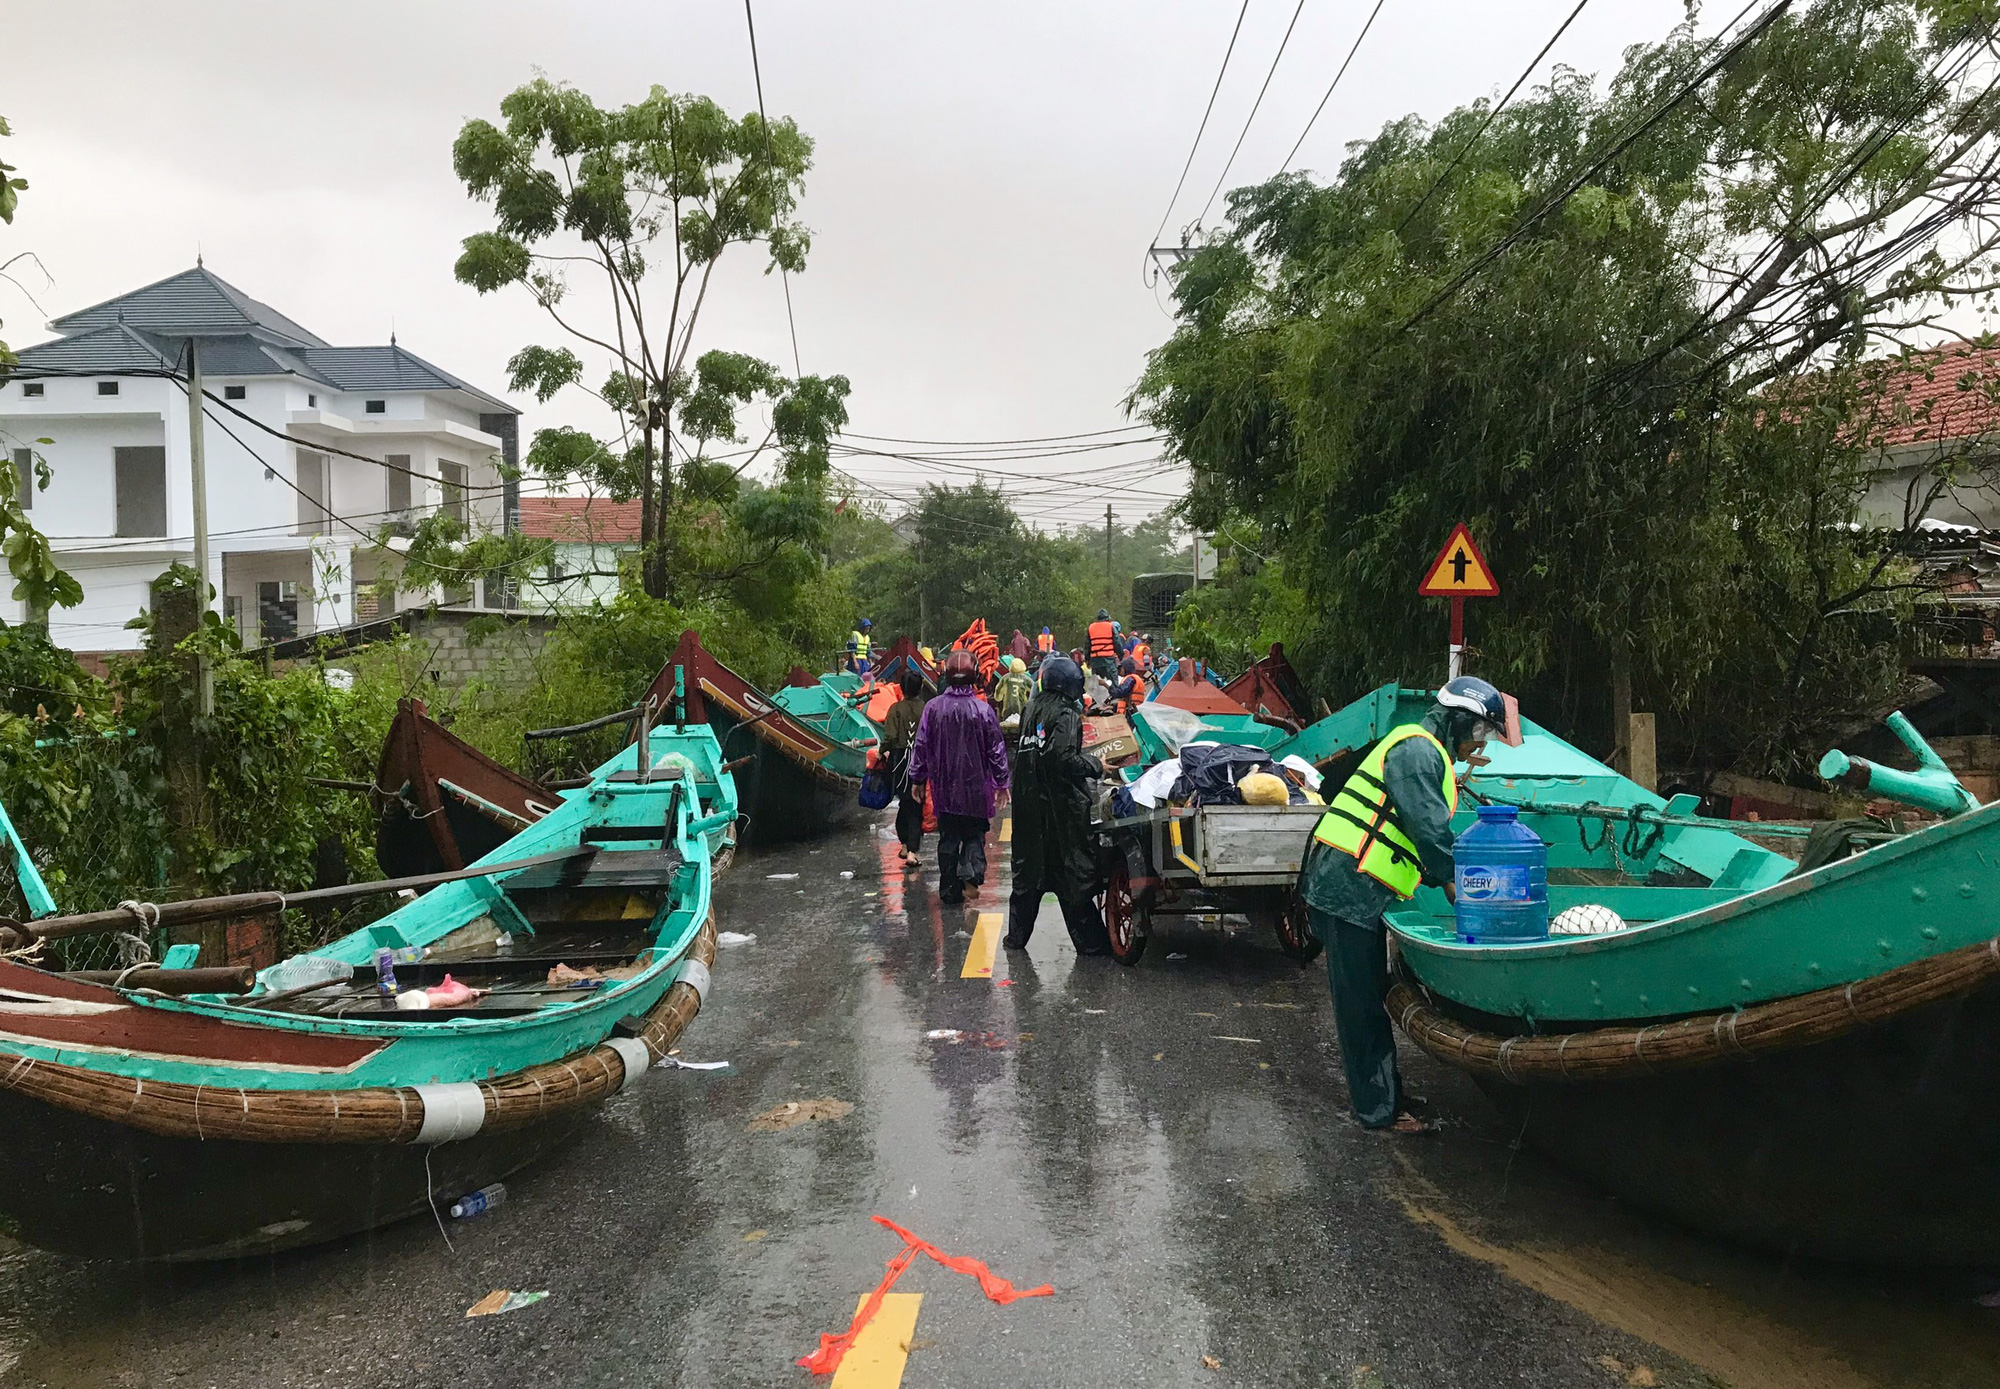 Chuyện lạ chưa từng có trong lũ lịch sử ở Quảng Bình: Thuyền đi biển lên đồng bằng cứu nạn - Ảnh 5.